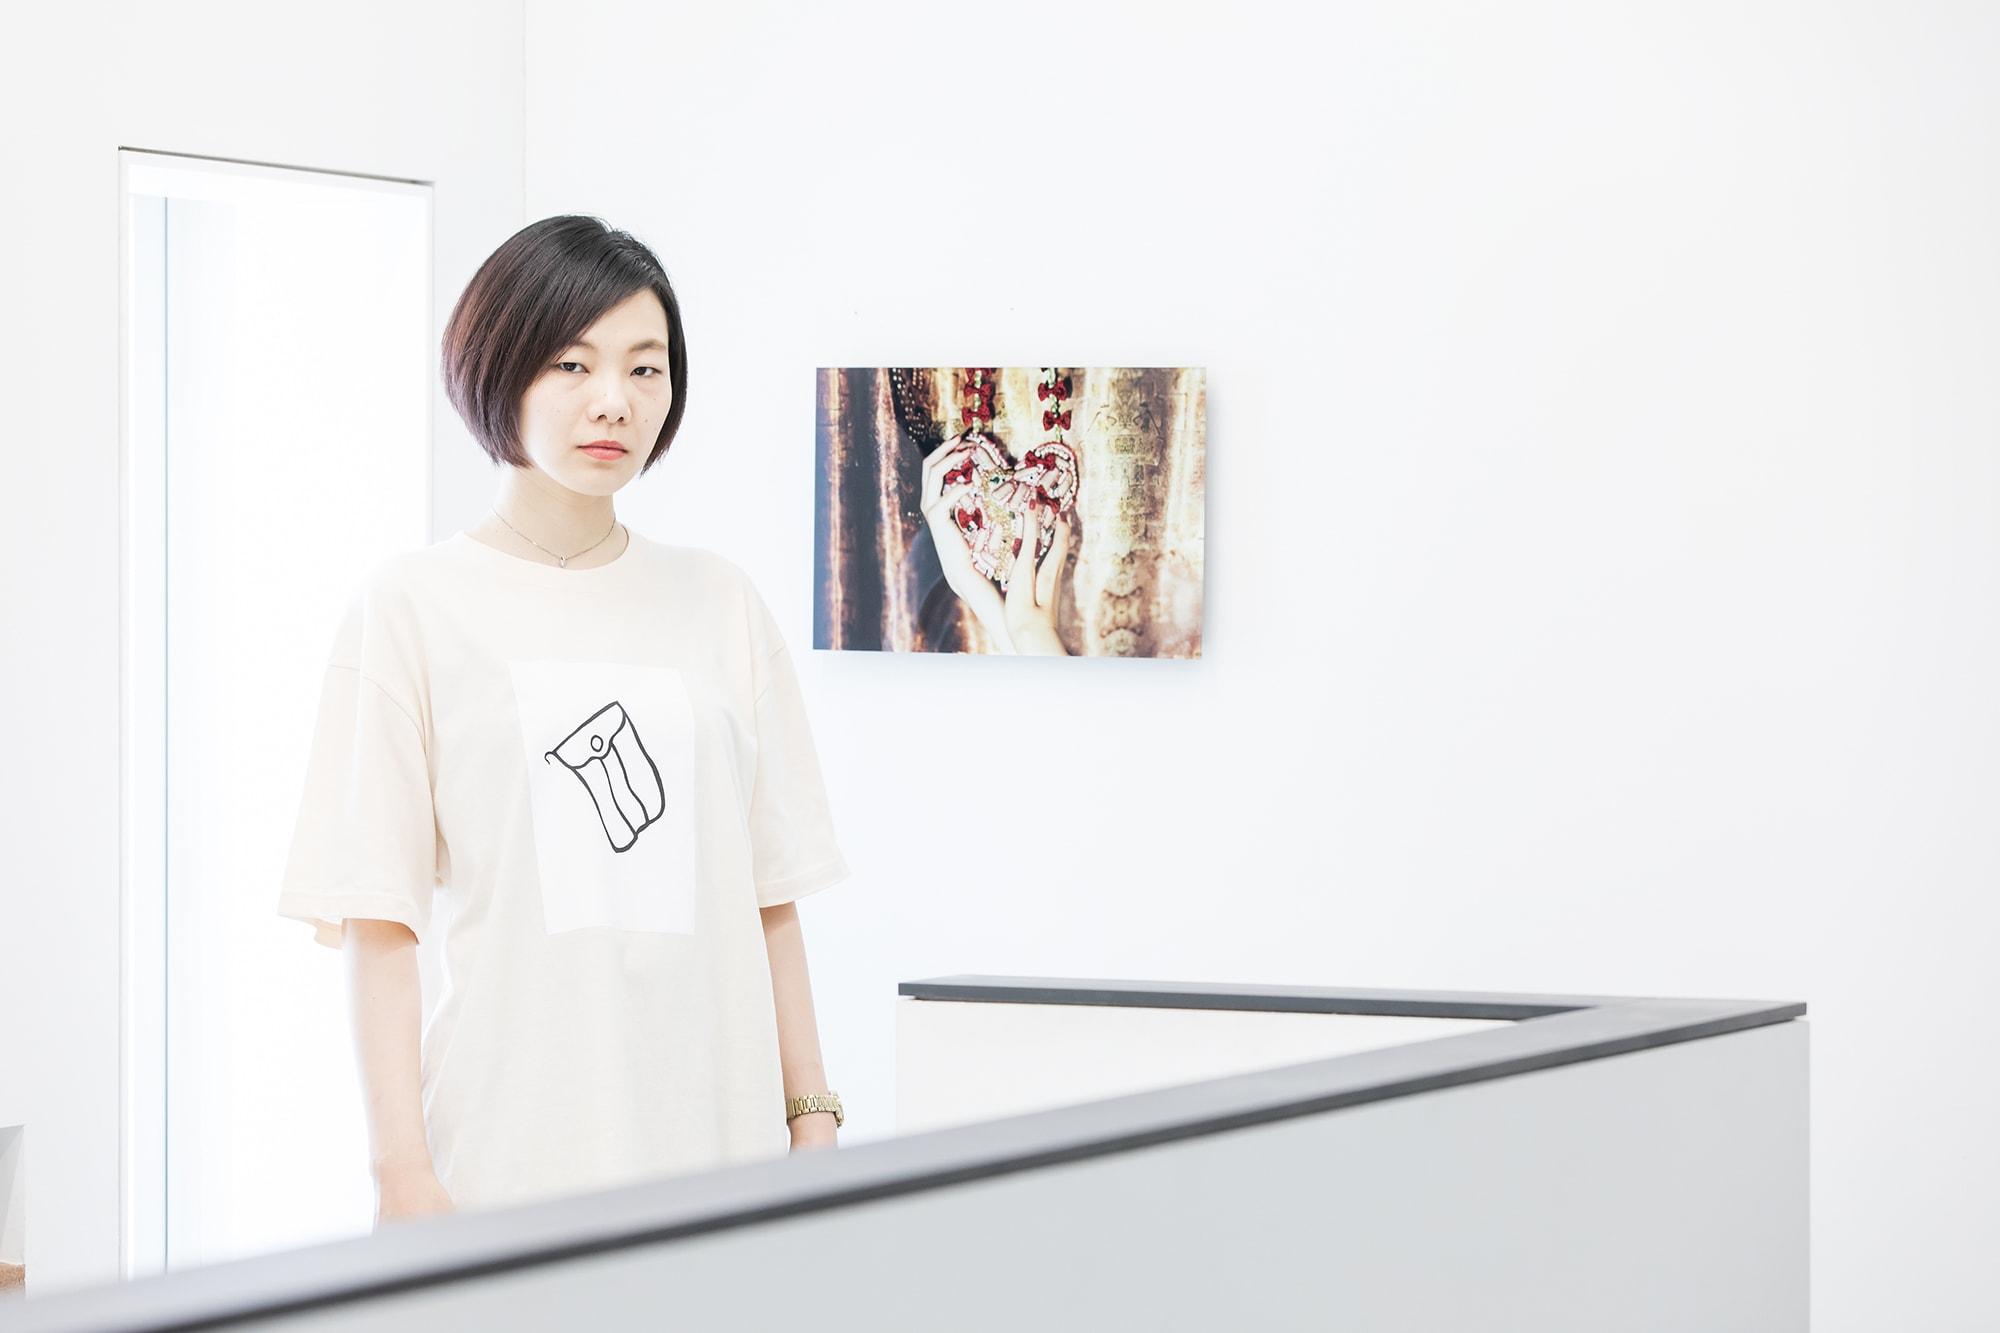 片山真理インタヴュー「ユニバーサルな身体という『GIFT』」 | 片山真理